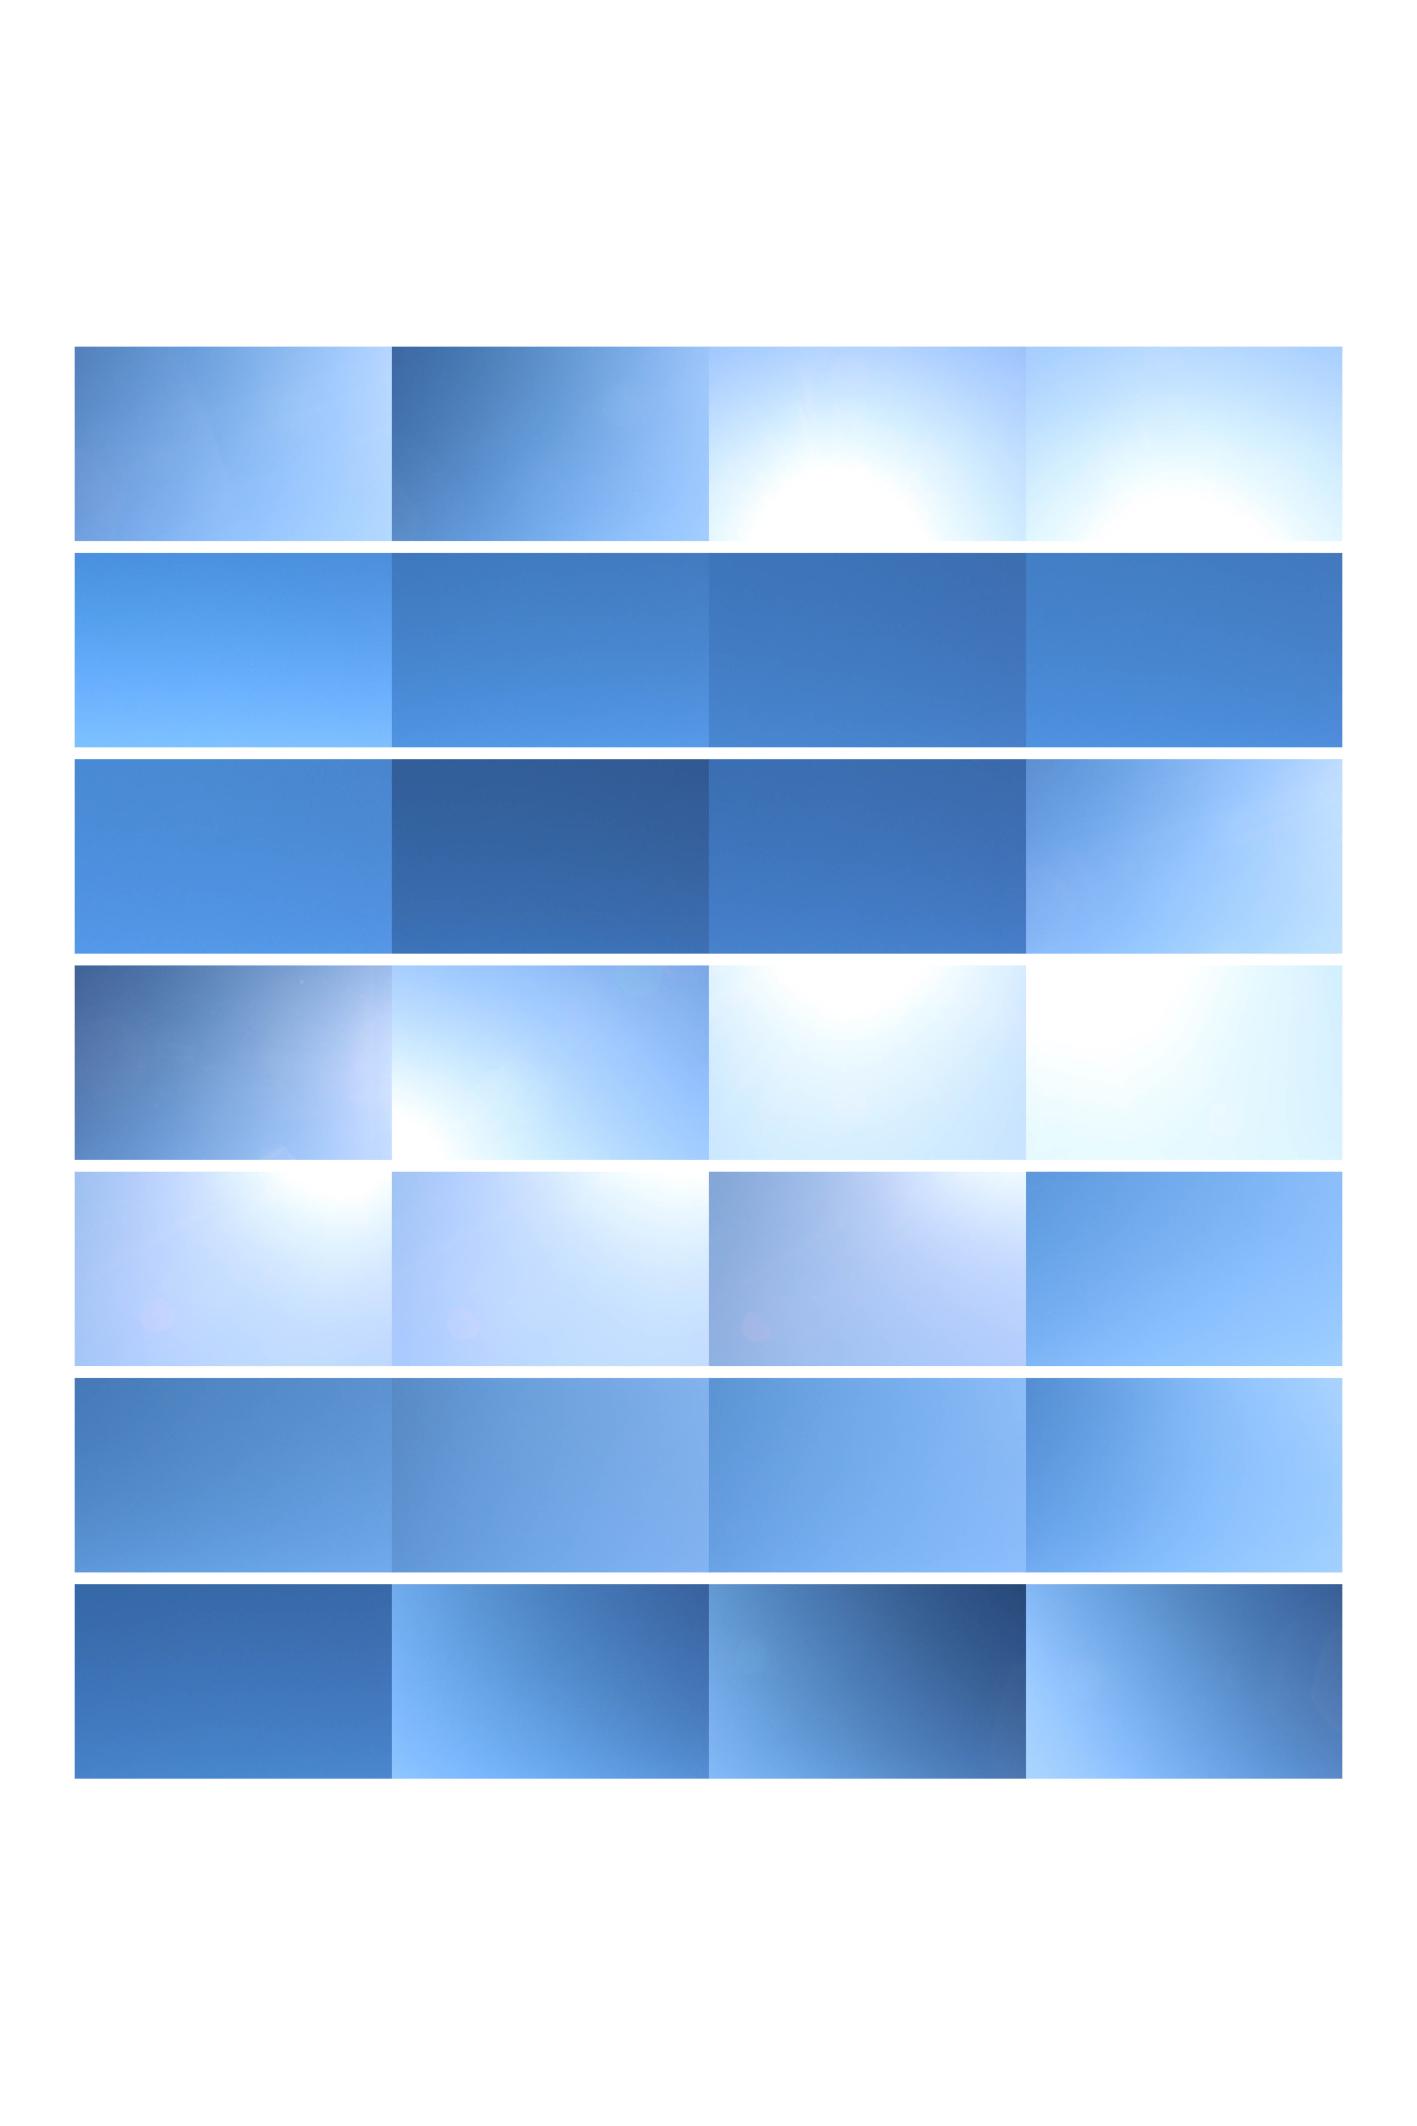 Markus Feiler - SKY BLUE 3_Künstler_artist_Kunst_art